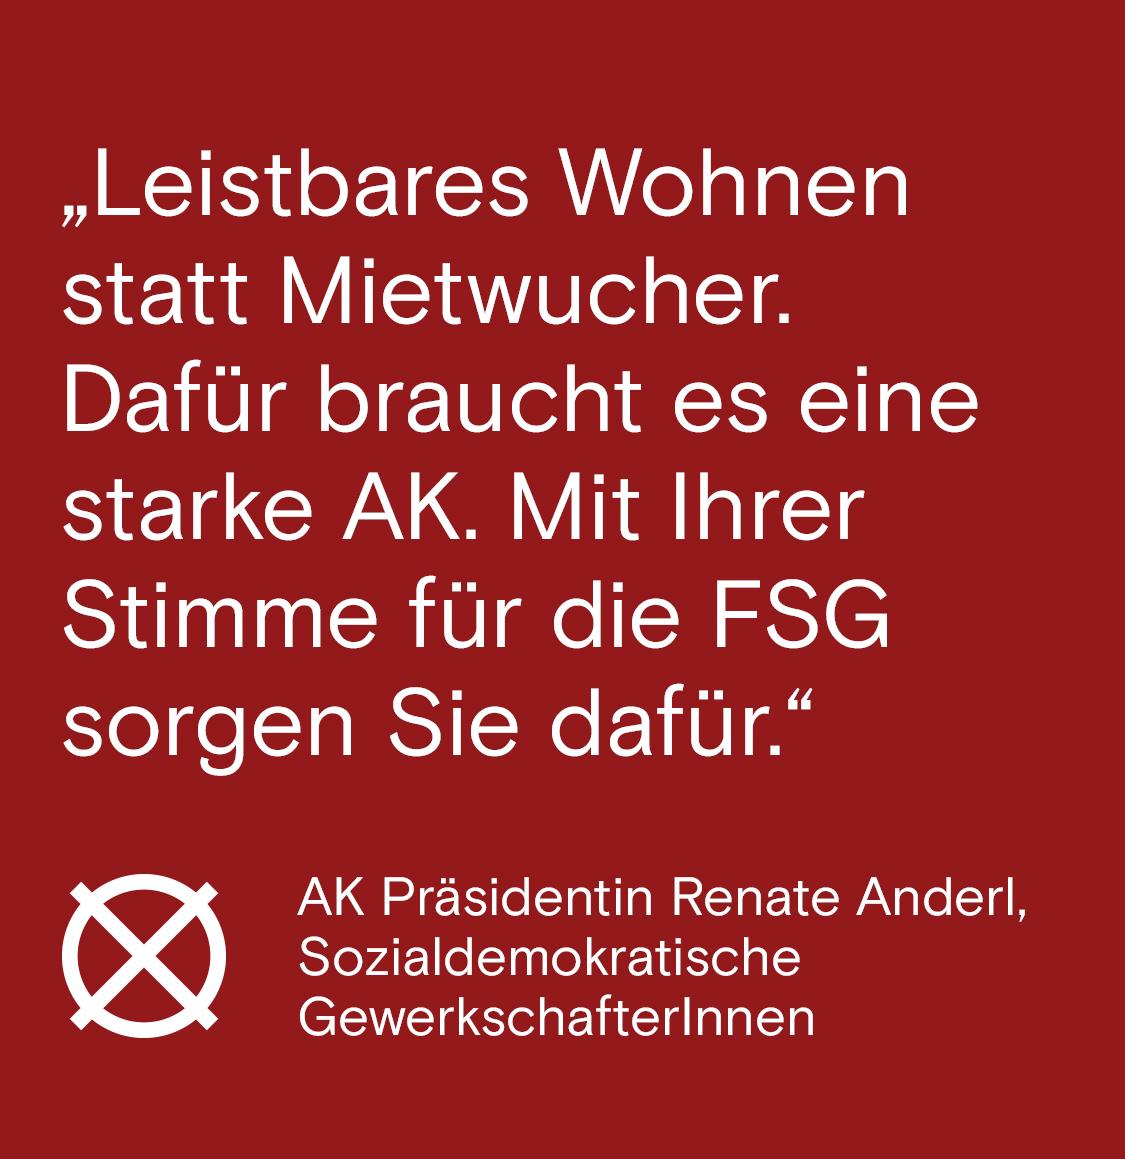 Leistbares Wohnen statt Mietwucher. Dafür braucht es eine starke AK. Mit ihrer Stimme für die FSG AK bei der AK Wien Wahl 2019 sorgen Sie dafür.